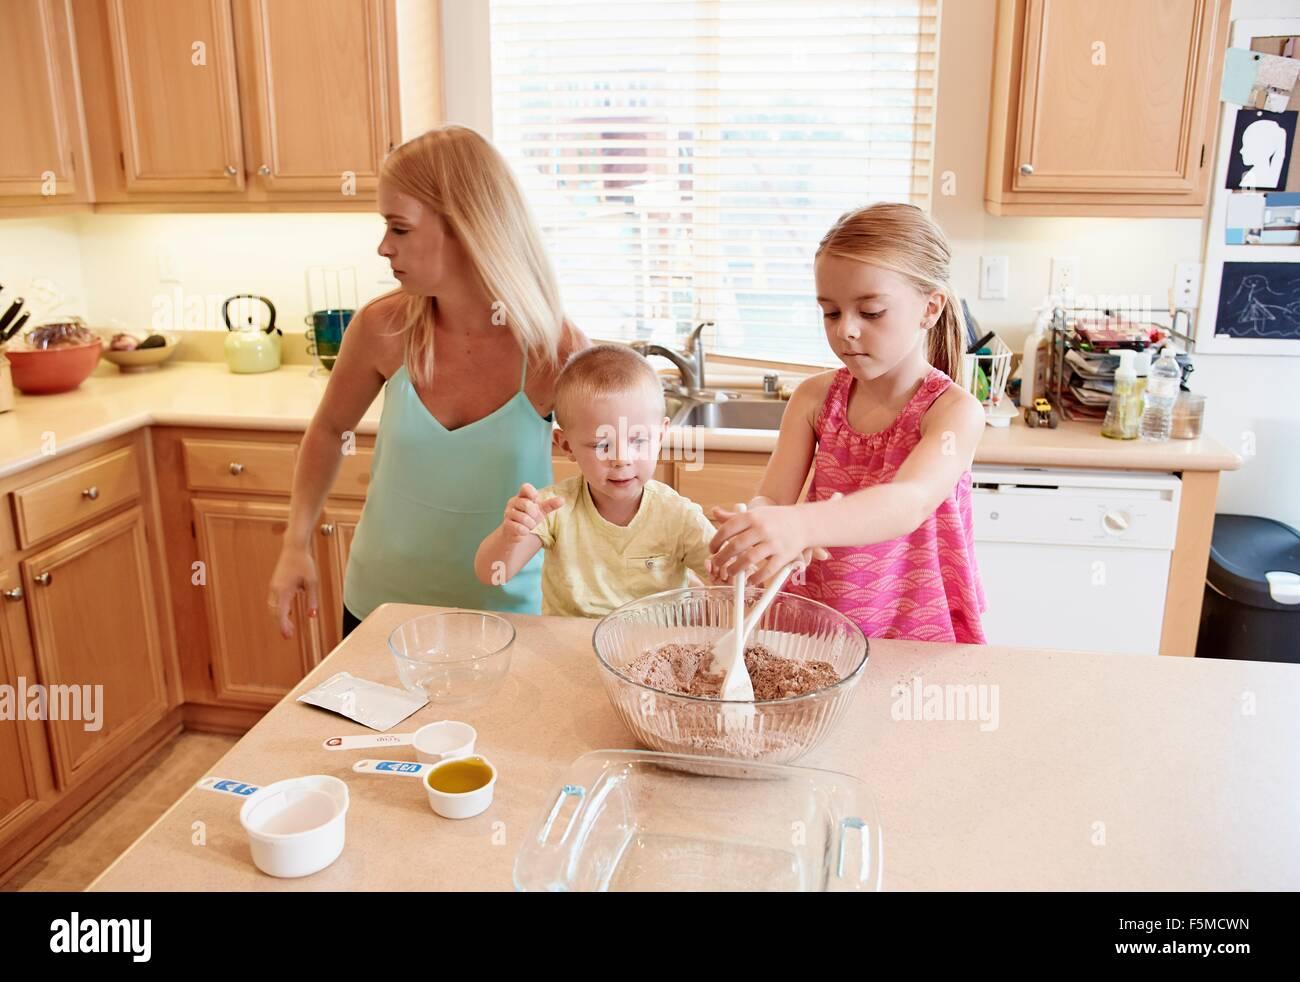 La famiglia la preparazione della pastella nel recipiente di miscelazione Immagini Stock